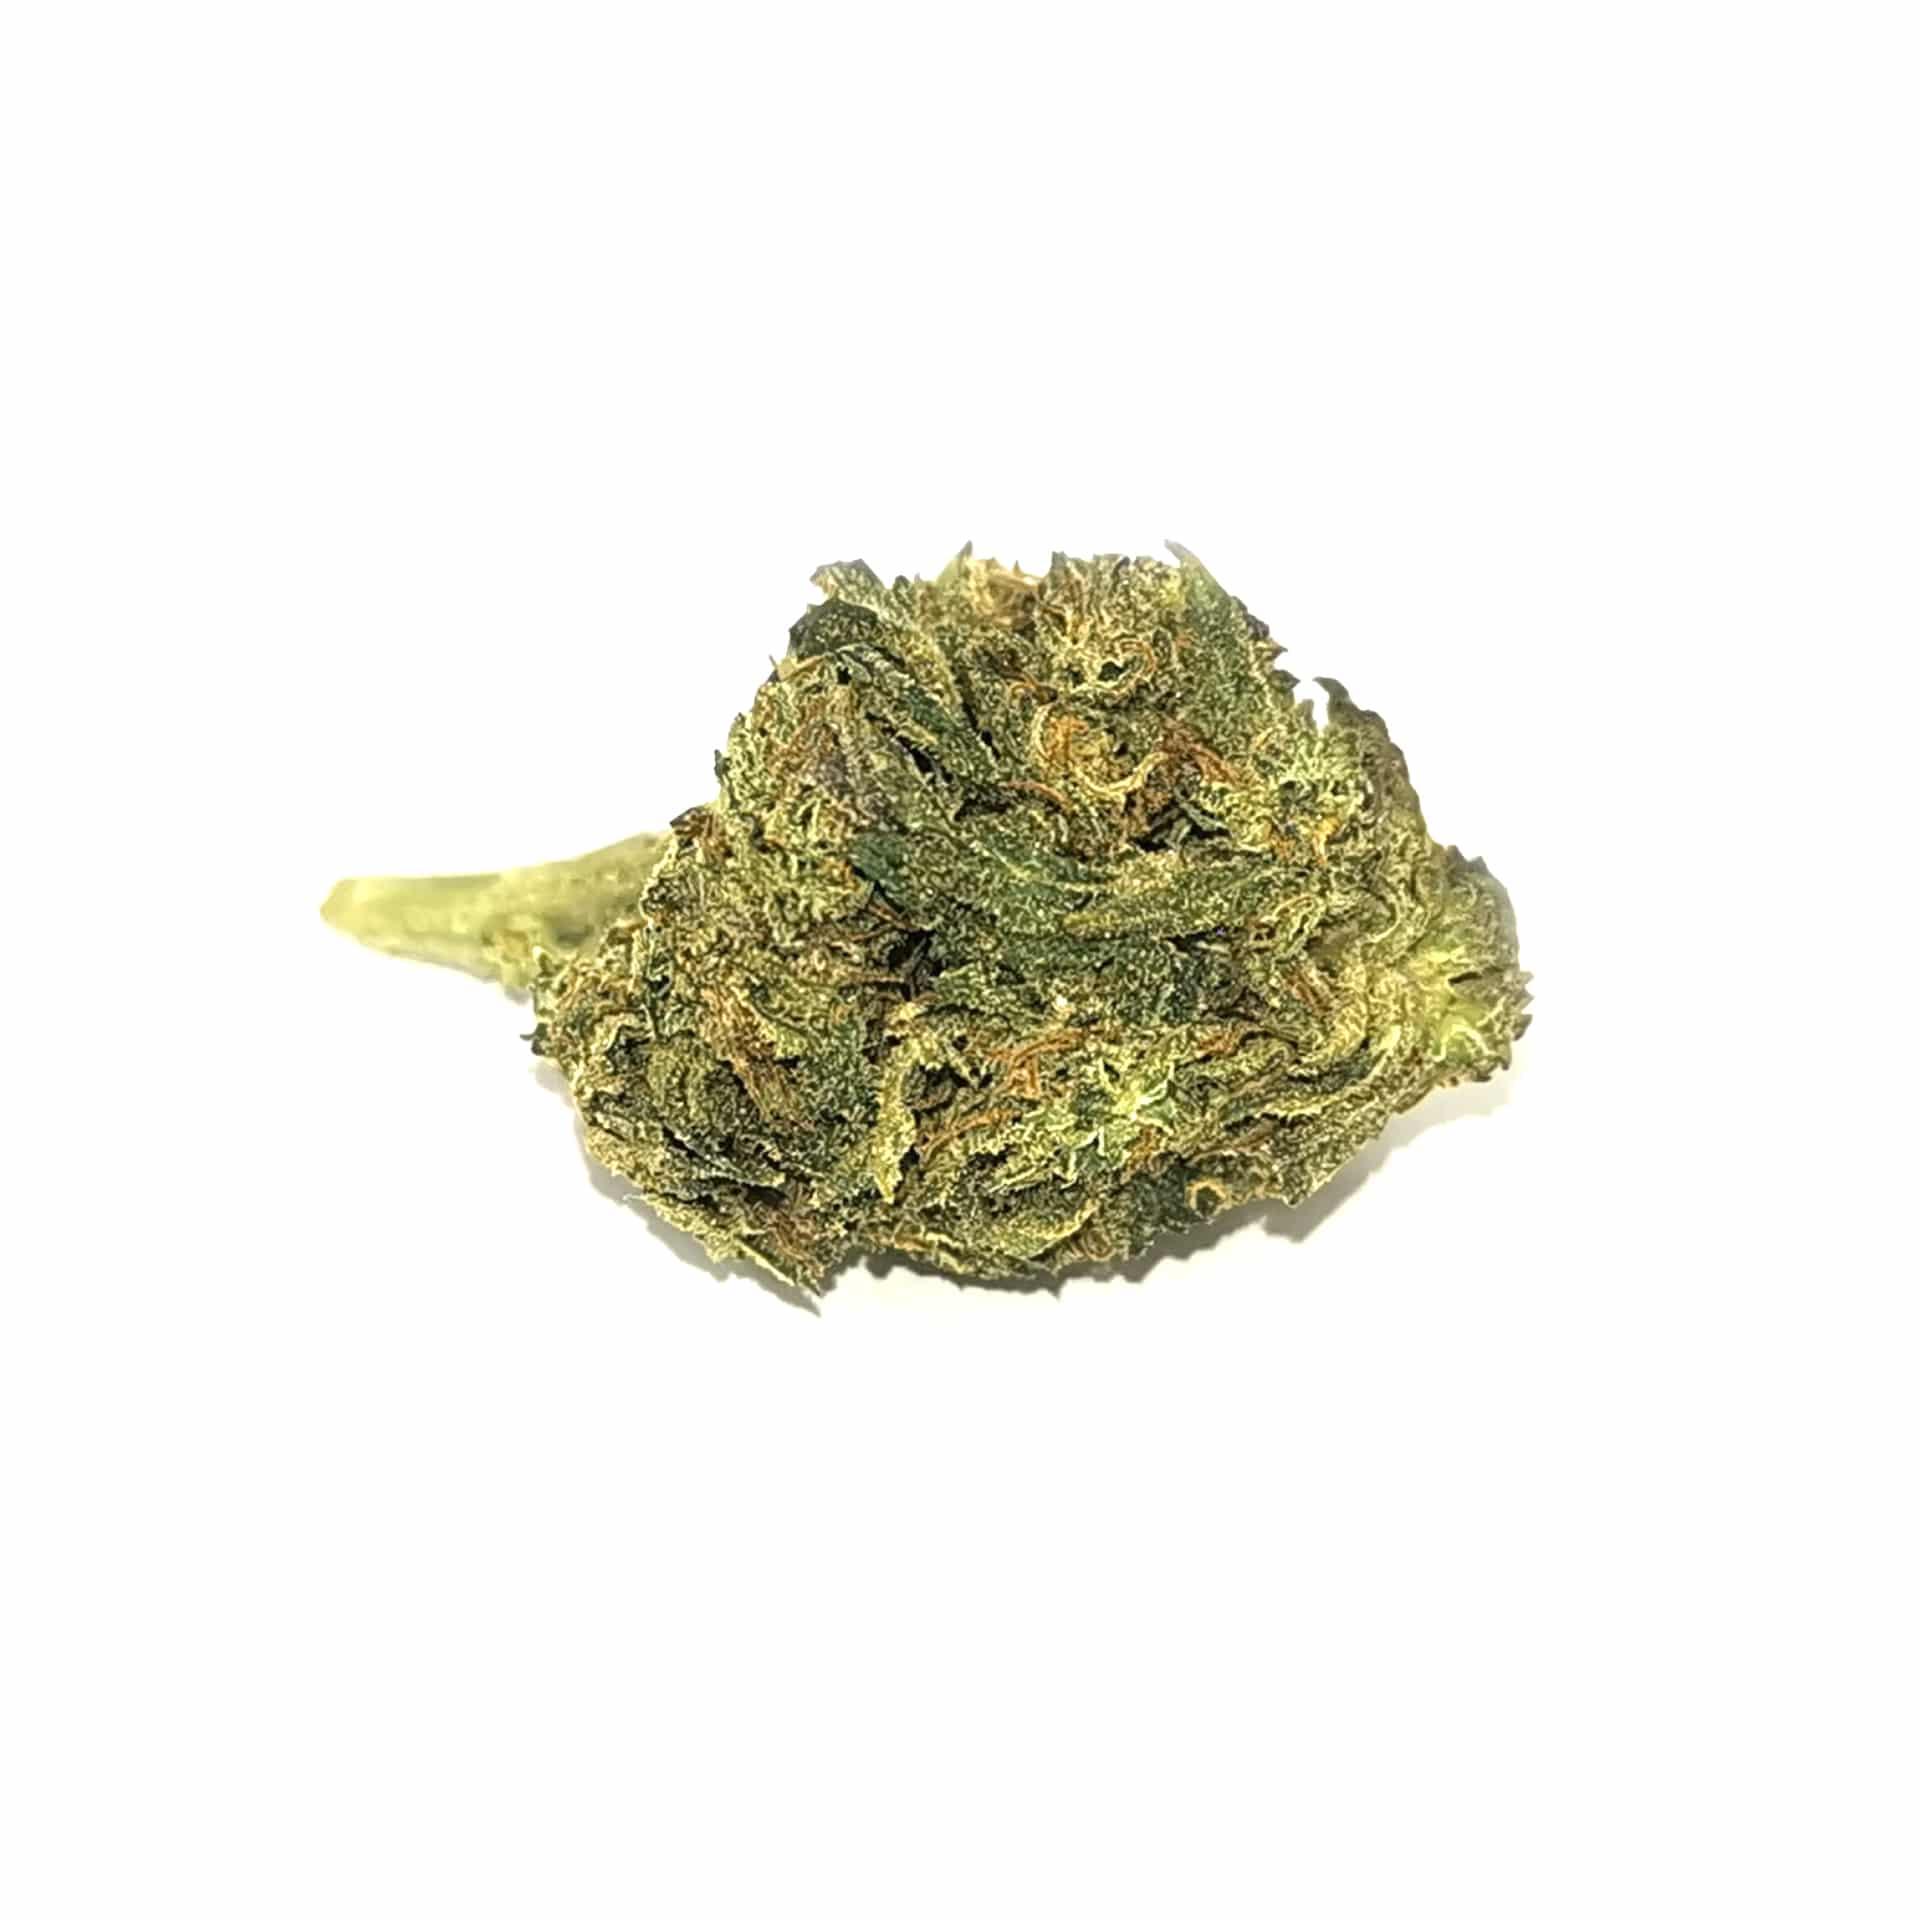 Flowerbomb-kush